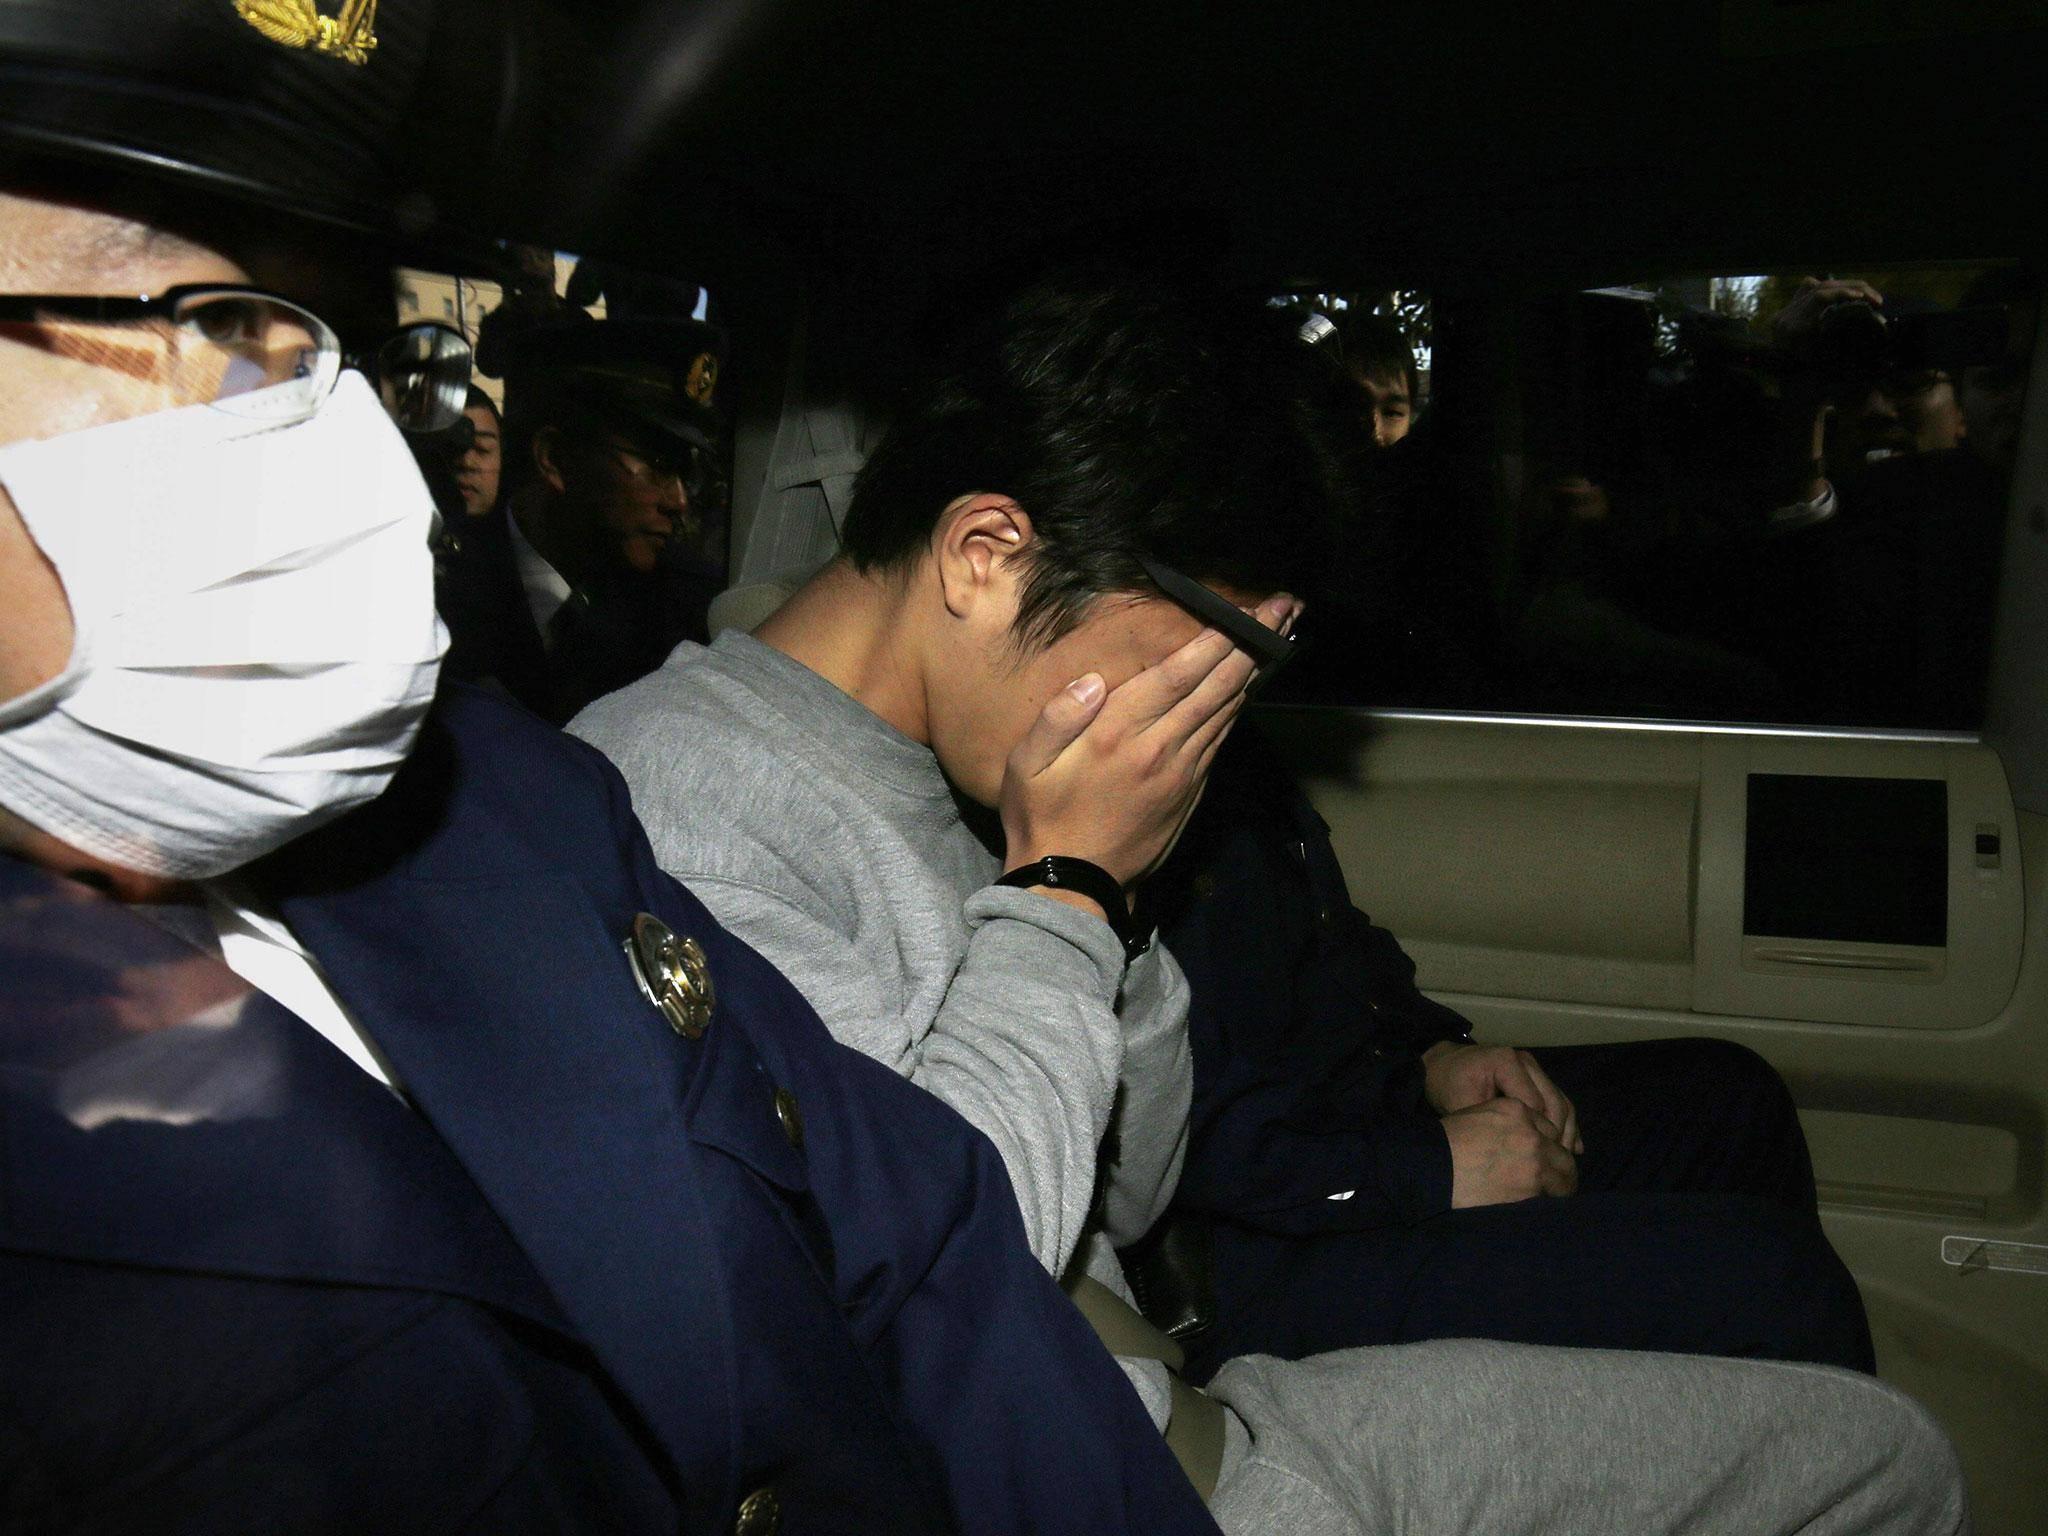 Takahiro Shiraishi esconde o rosto ao ser levado até o escritório do promotor público de Tóquio. Foto: Getty Images.